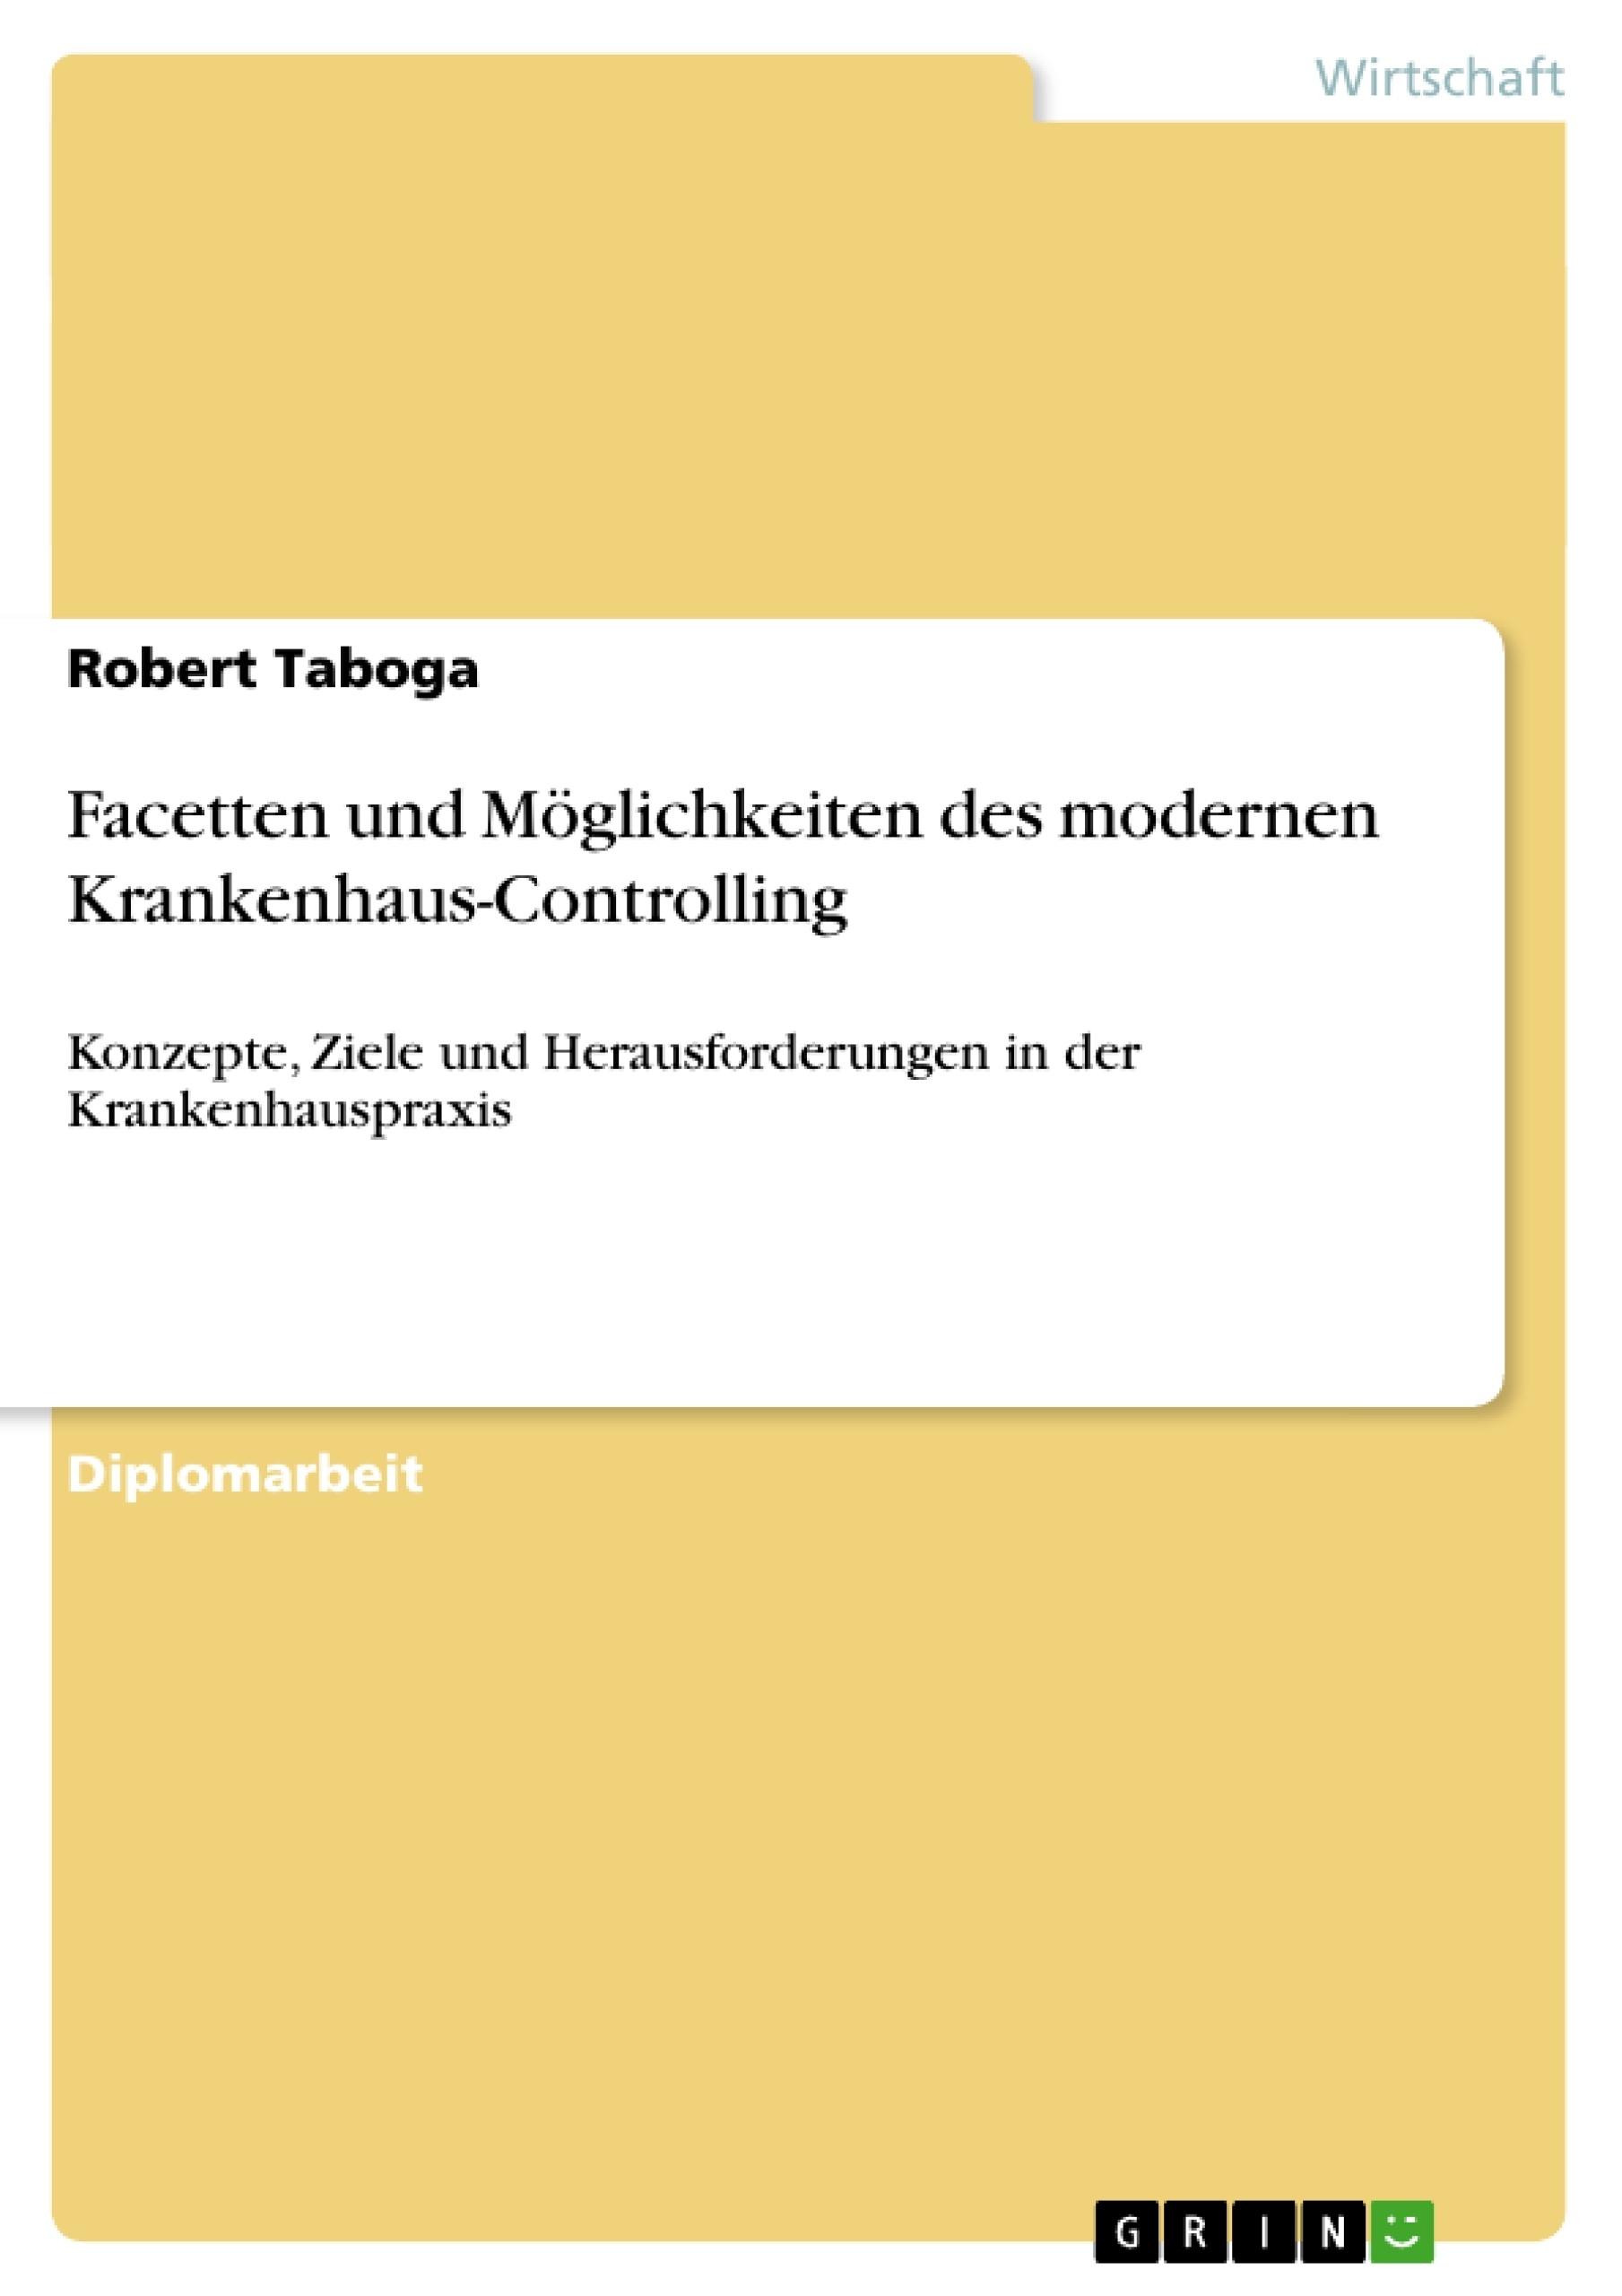 Titel: Facetten und Möglichkeiten des modernen Krankenhaus-Controlling